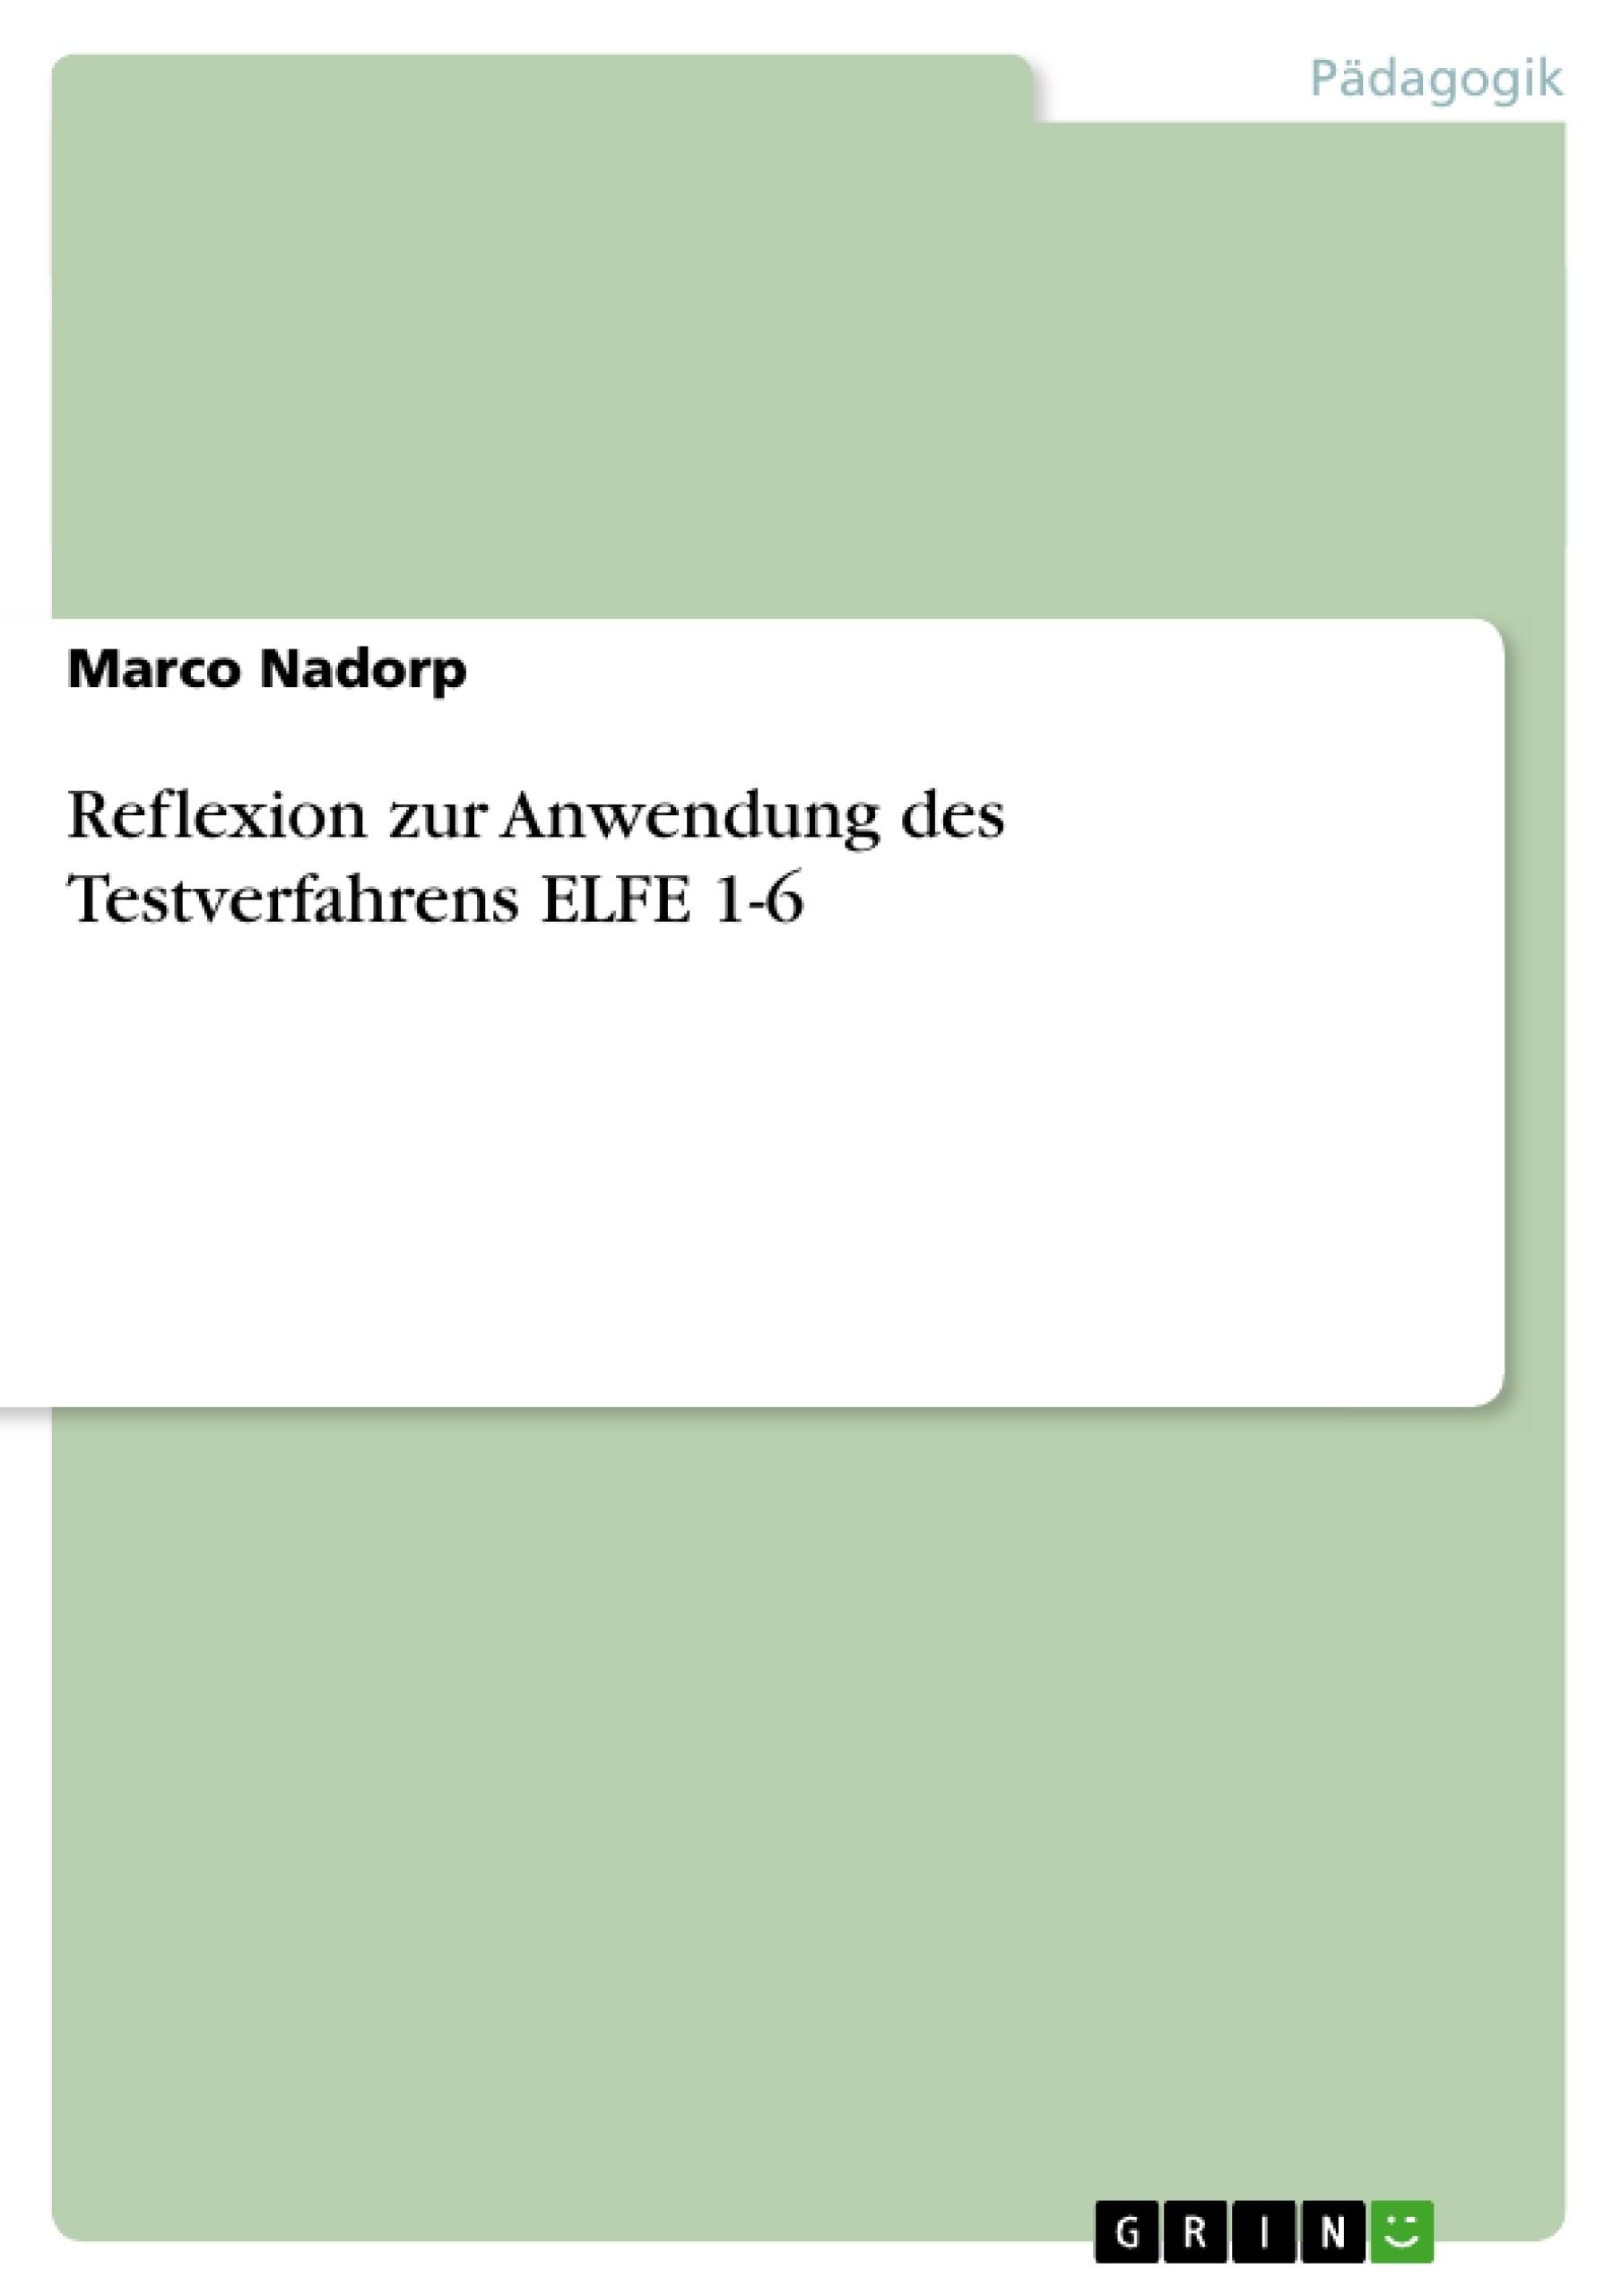 Titel: Reflexion zur Anwendung des Testverfahrens ELFE 1-6